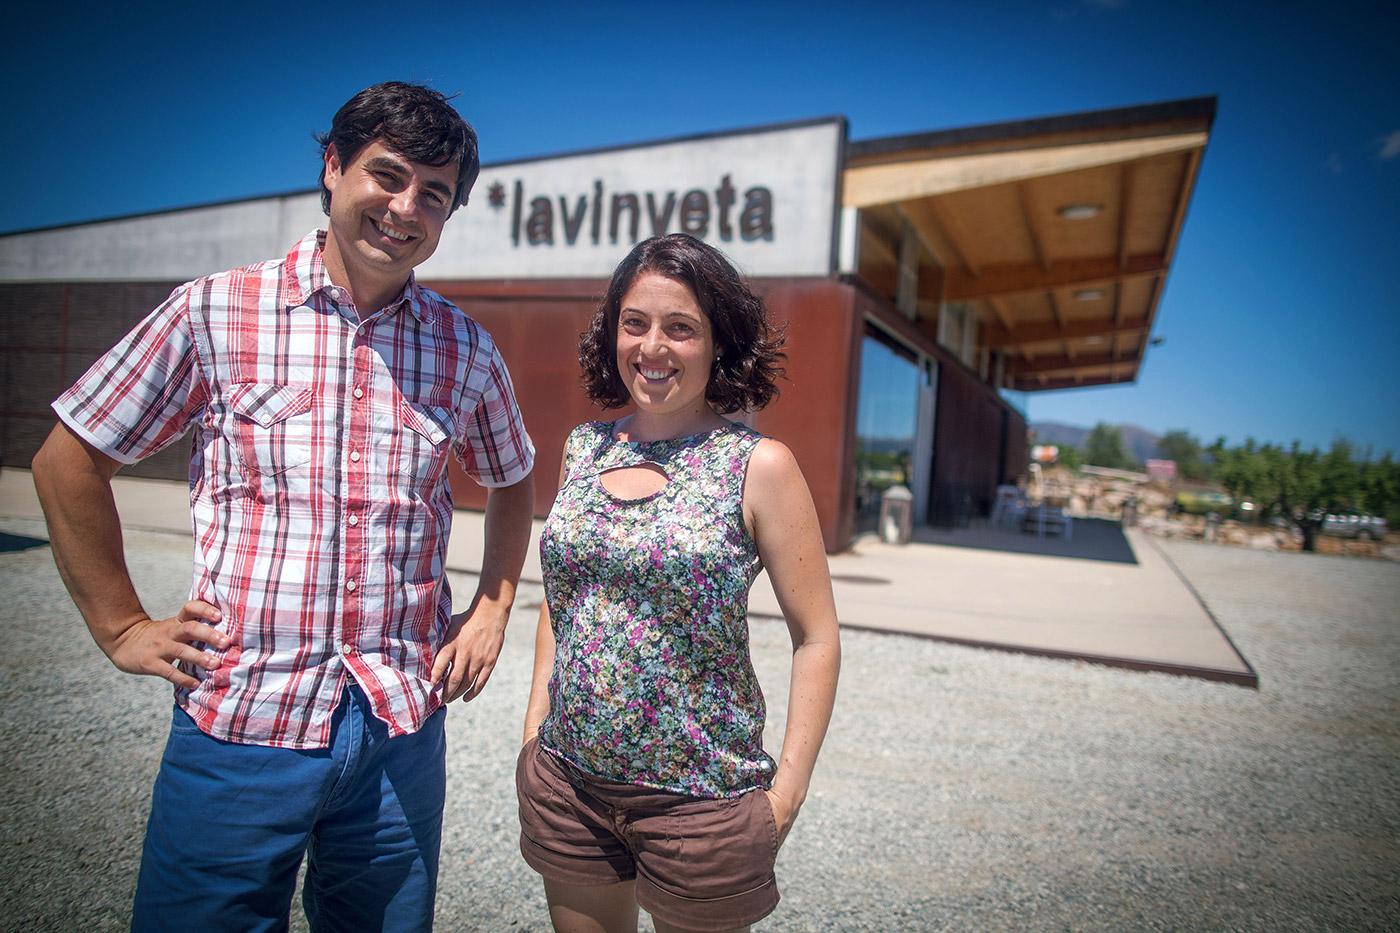 la-vinyeta